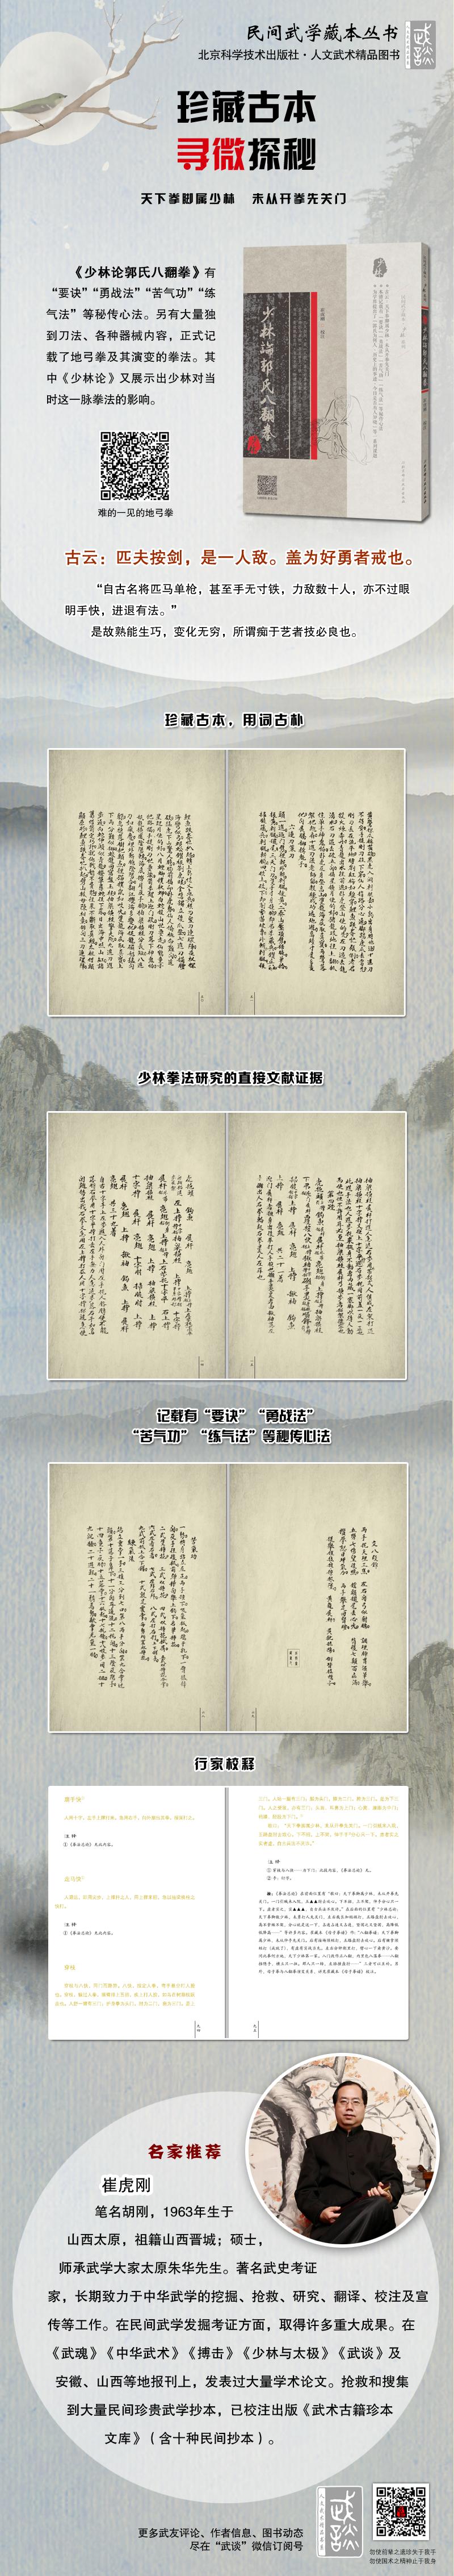 少林論郭氏八翻拳-民間武学蔵本・少林系列